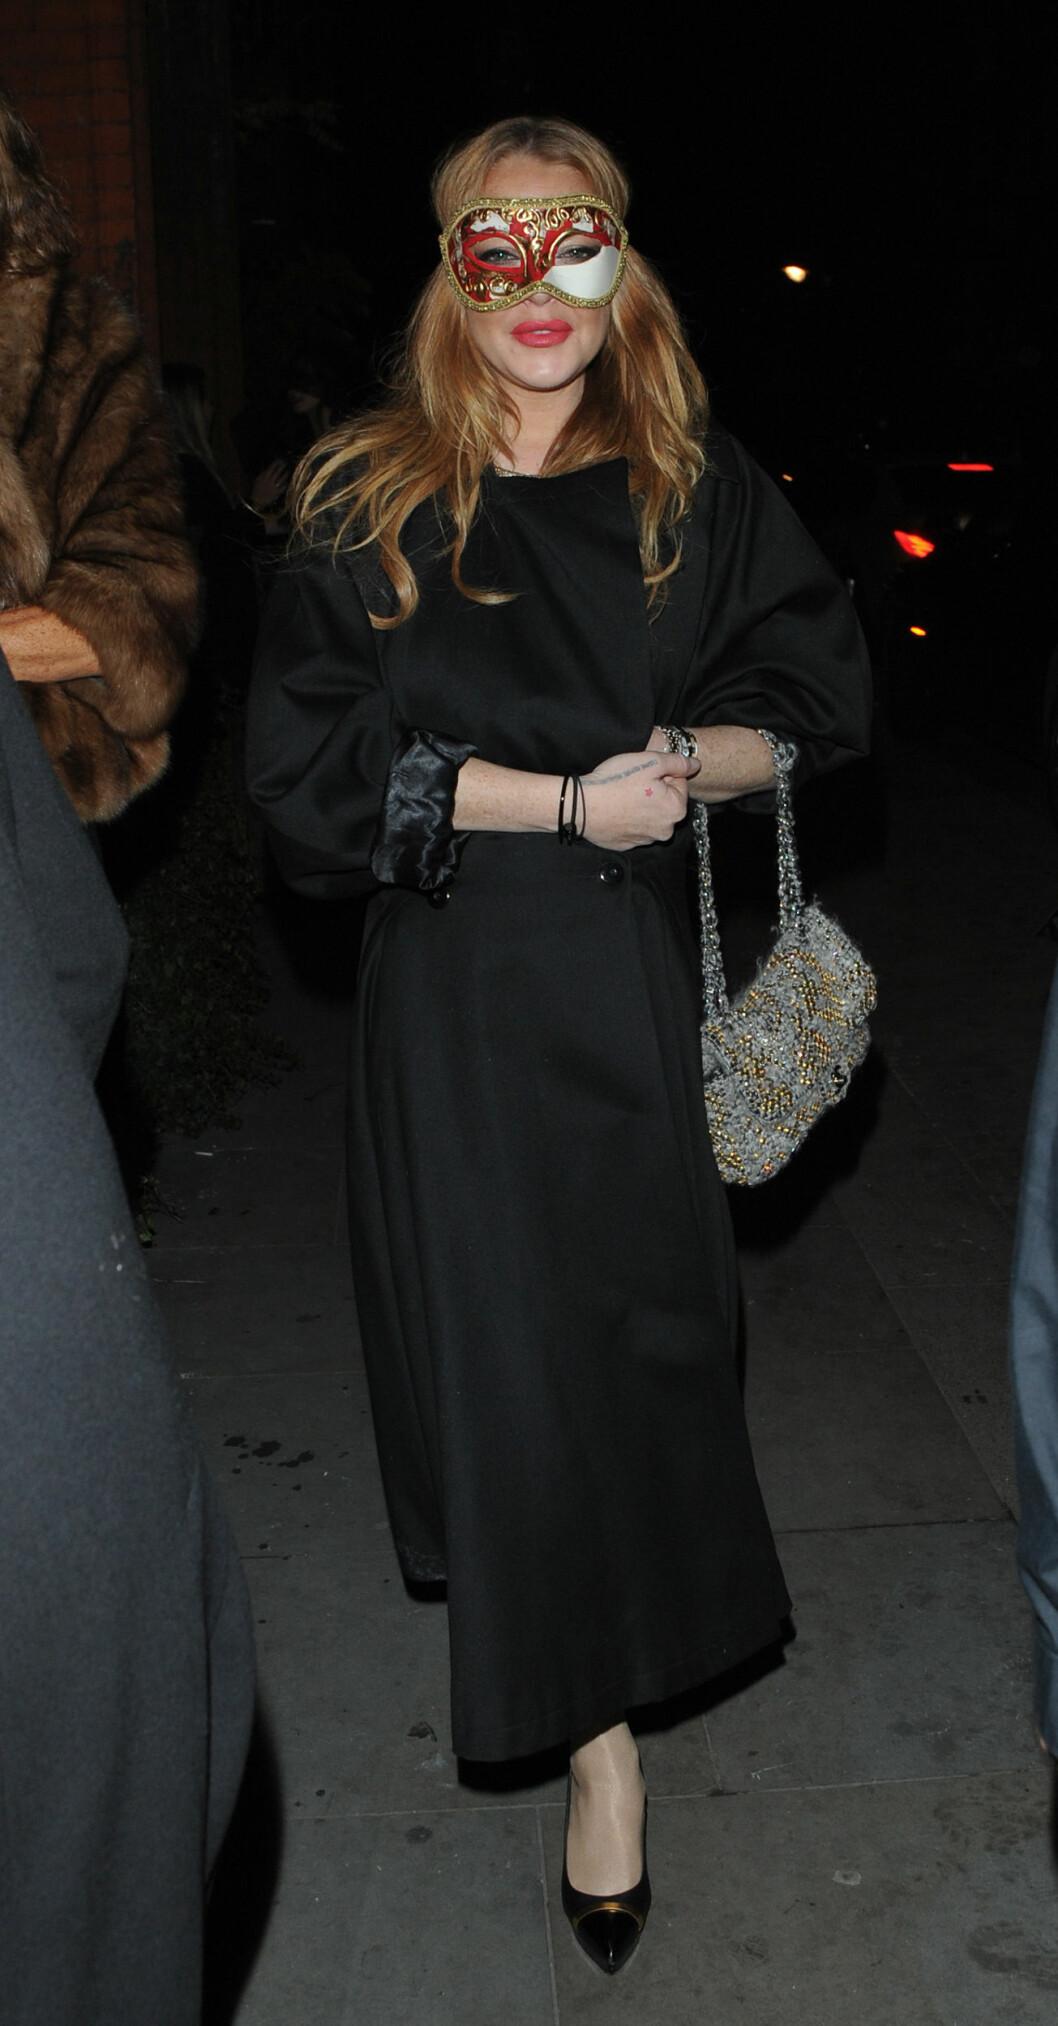 DRAMATISK: Skuespiller Lindsay Lohan var iført en venetiansk maske i hvitt, rødt og gull. Foto: Xposure